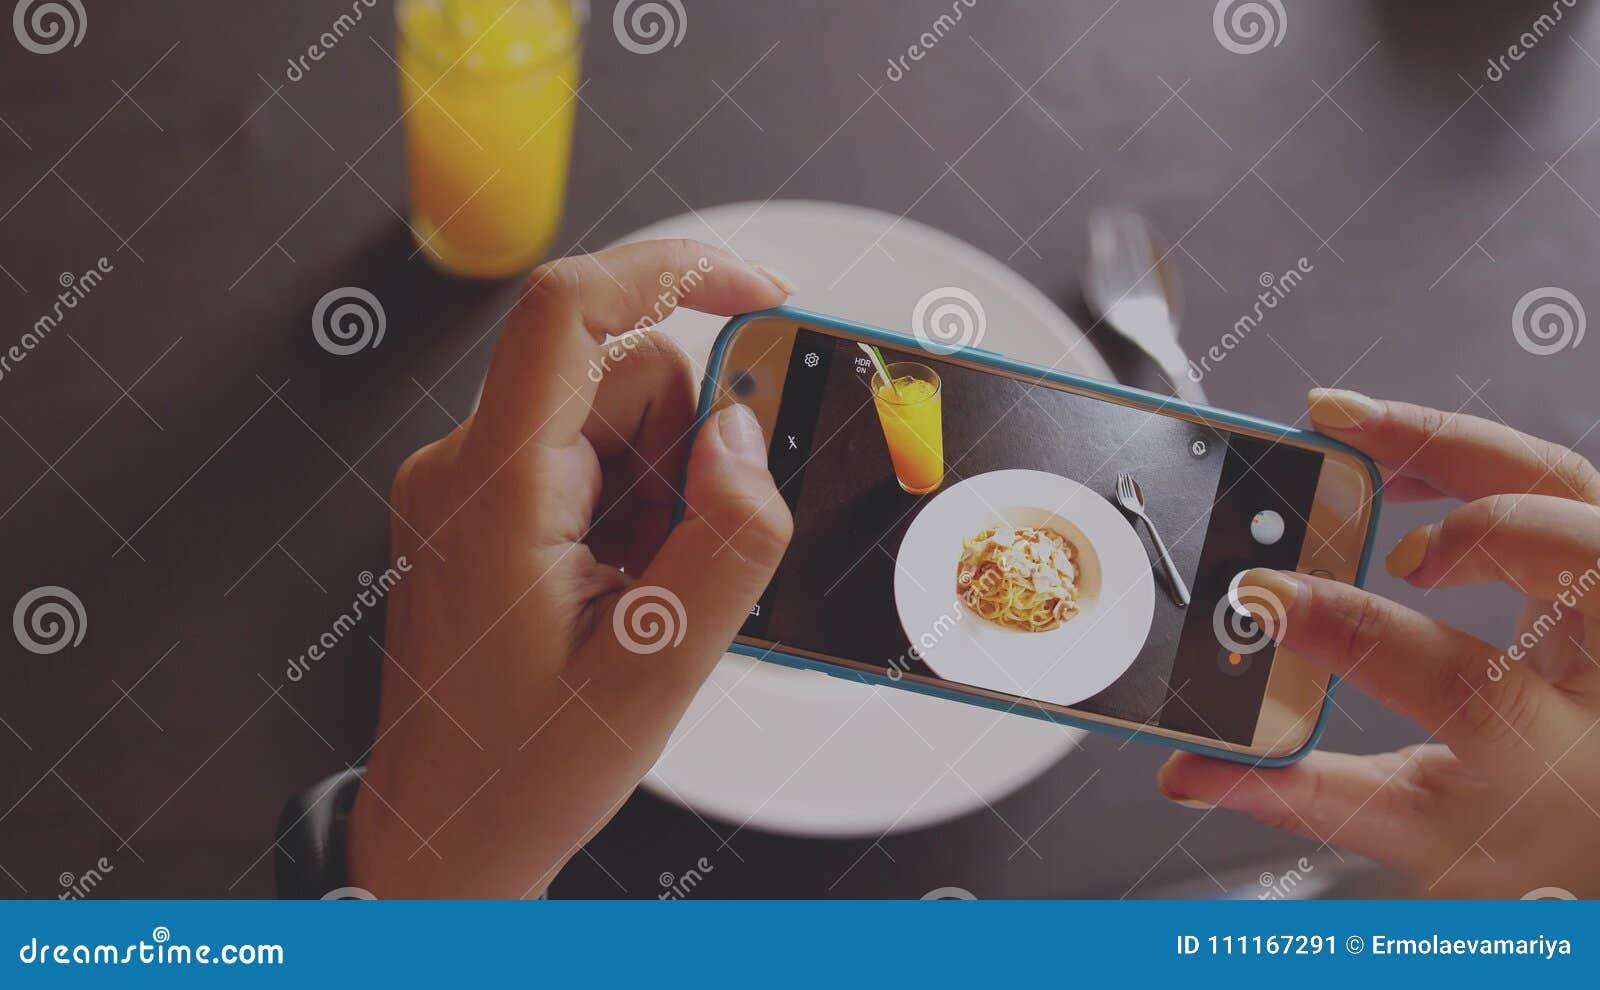 Θηλυκό χέρι που παίρνει μερικές φωτογραφίες από την κινητή ενός εύγευστου ιταλικού πιάτου τροφίμων κλείστε επάνω